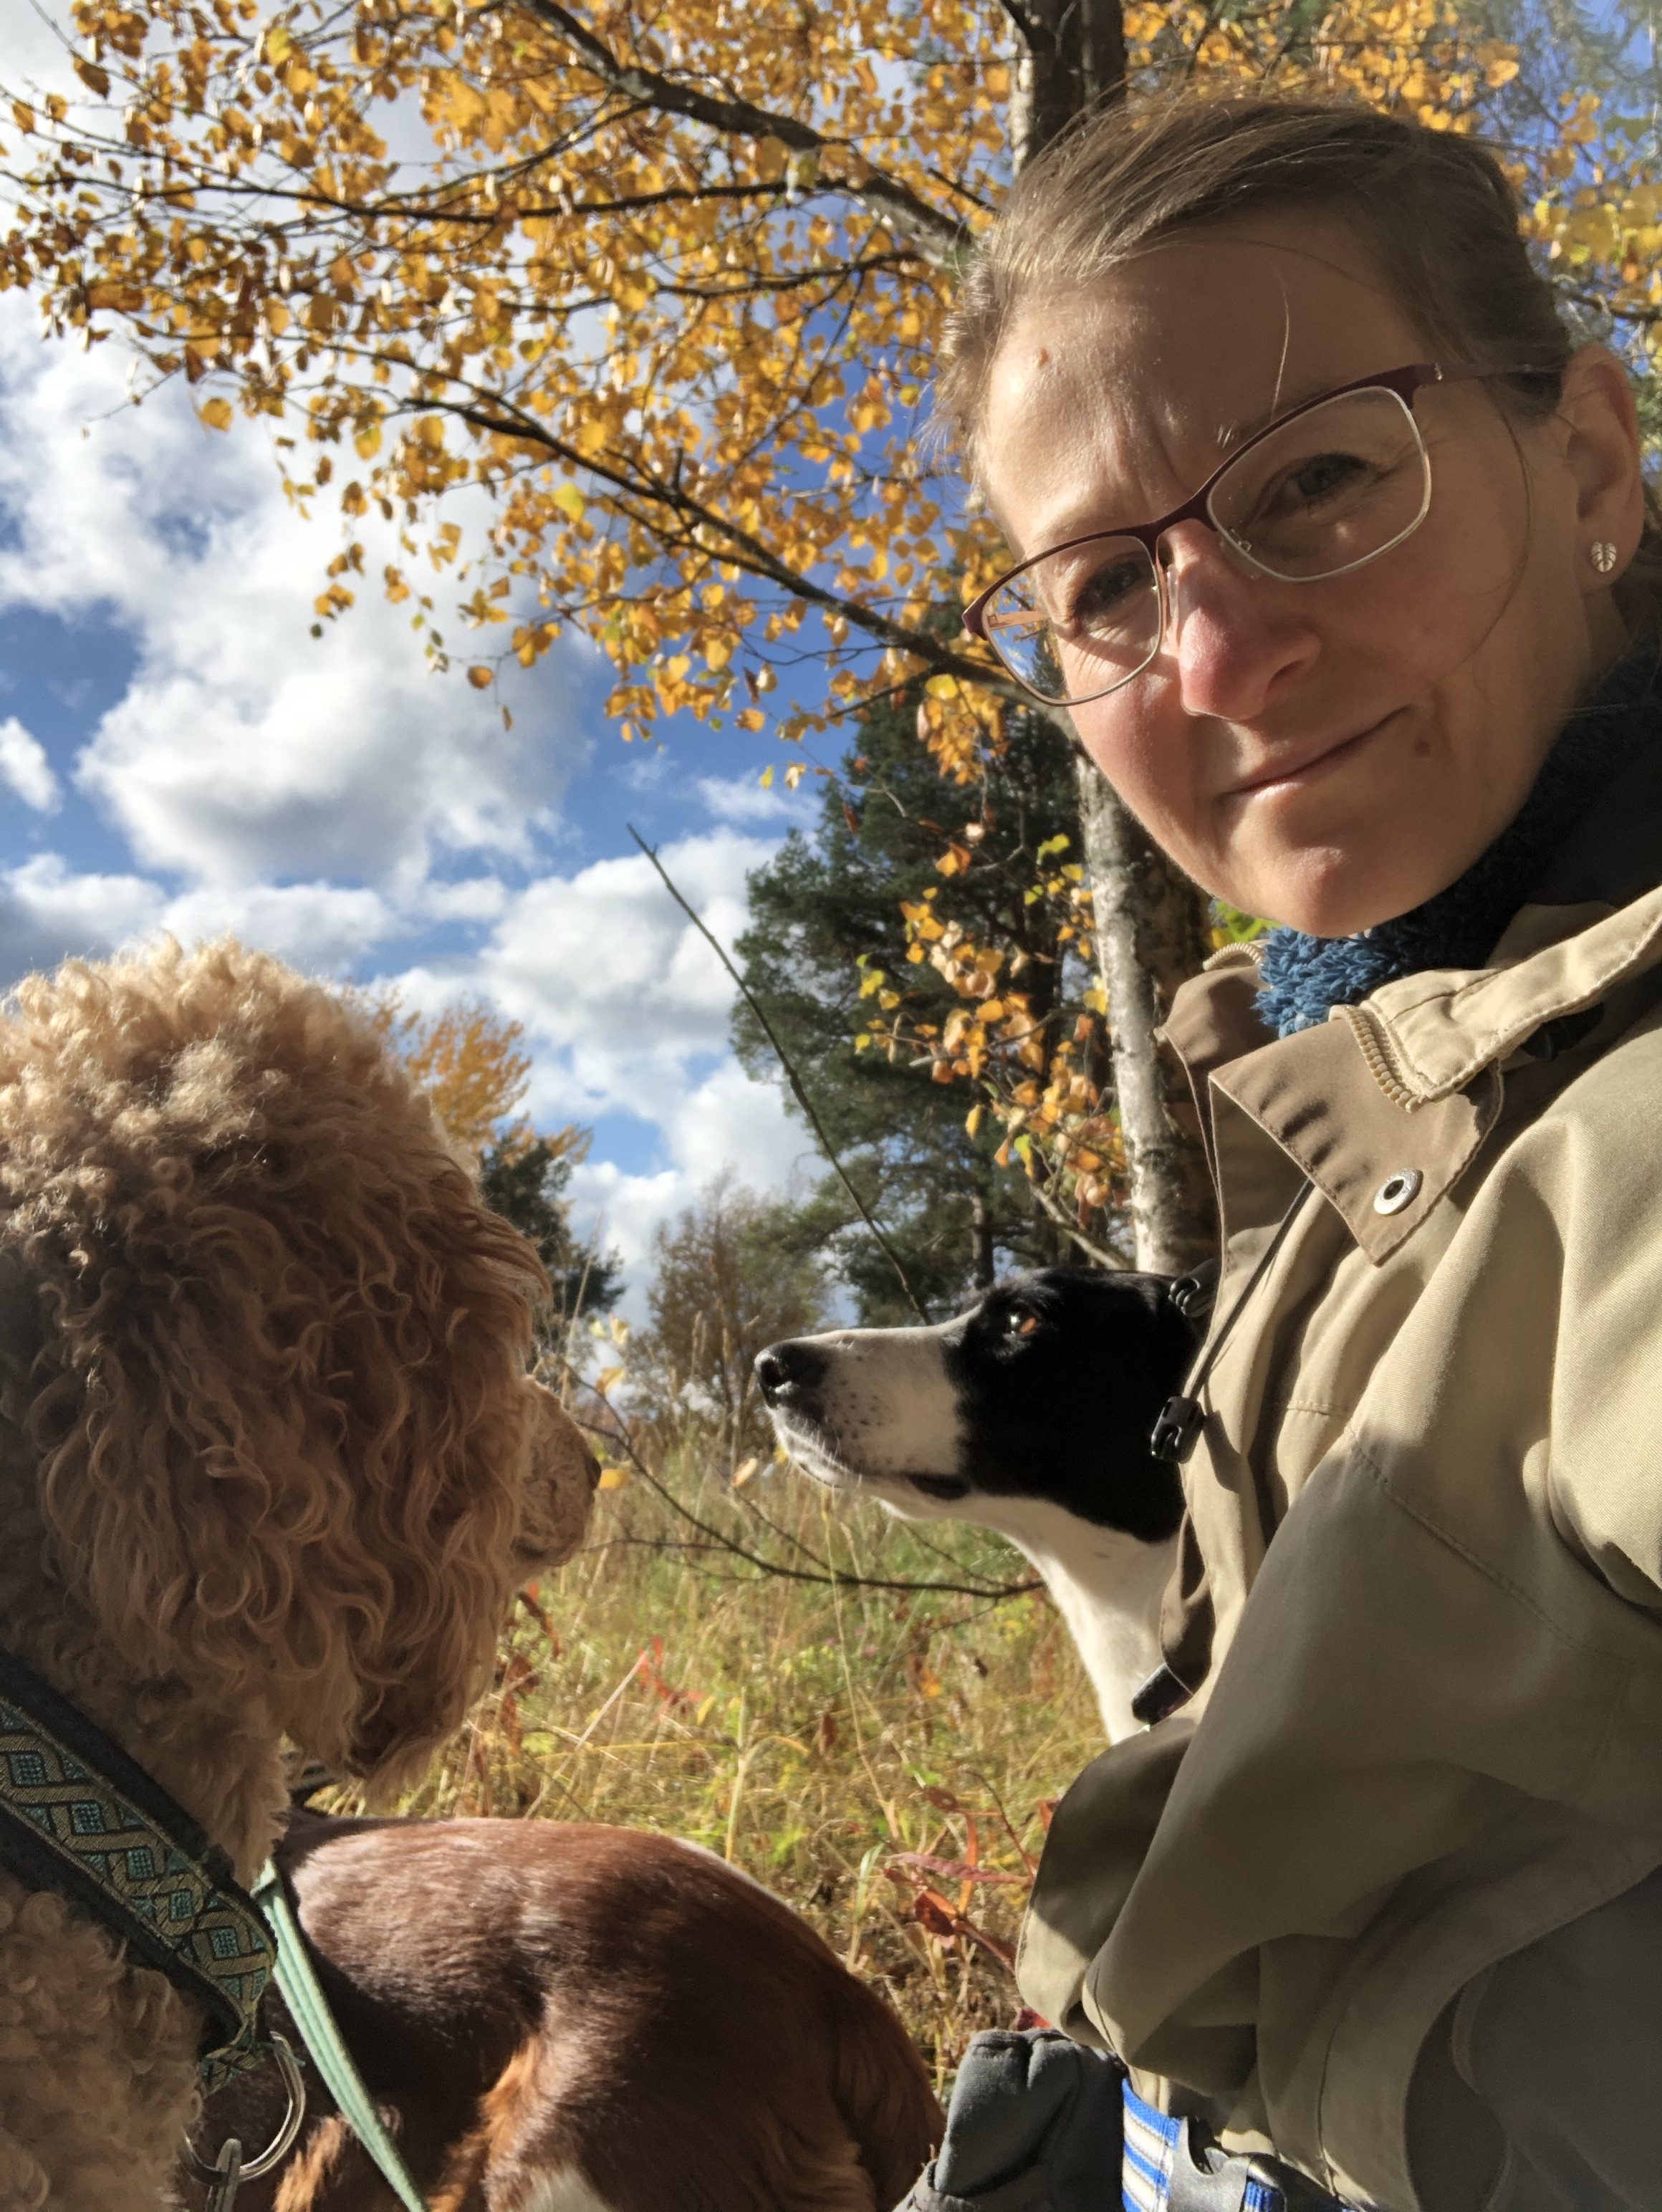 Hundtjänster - Hundträning för vardagen